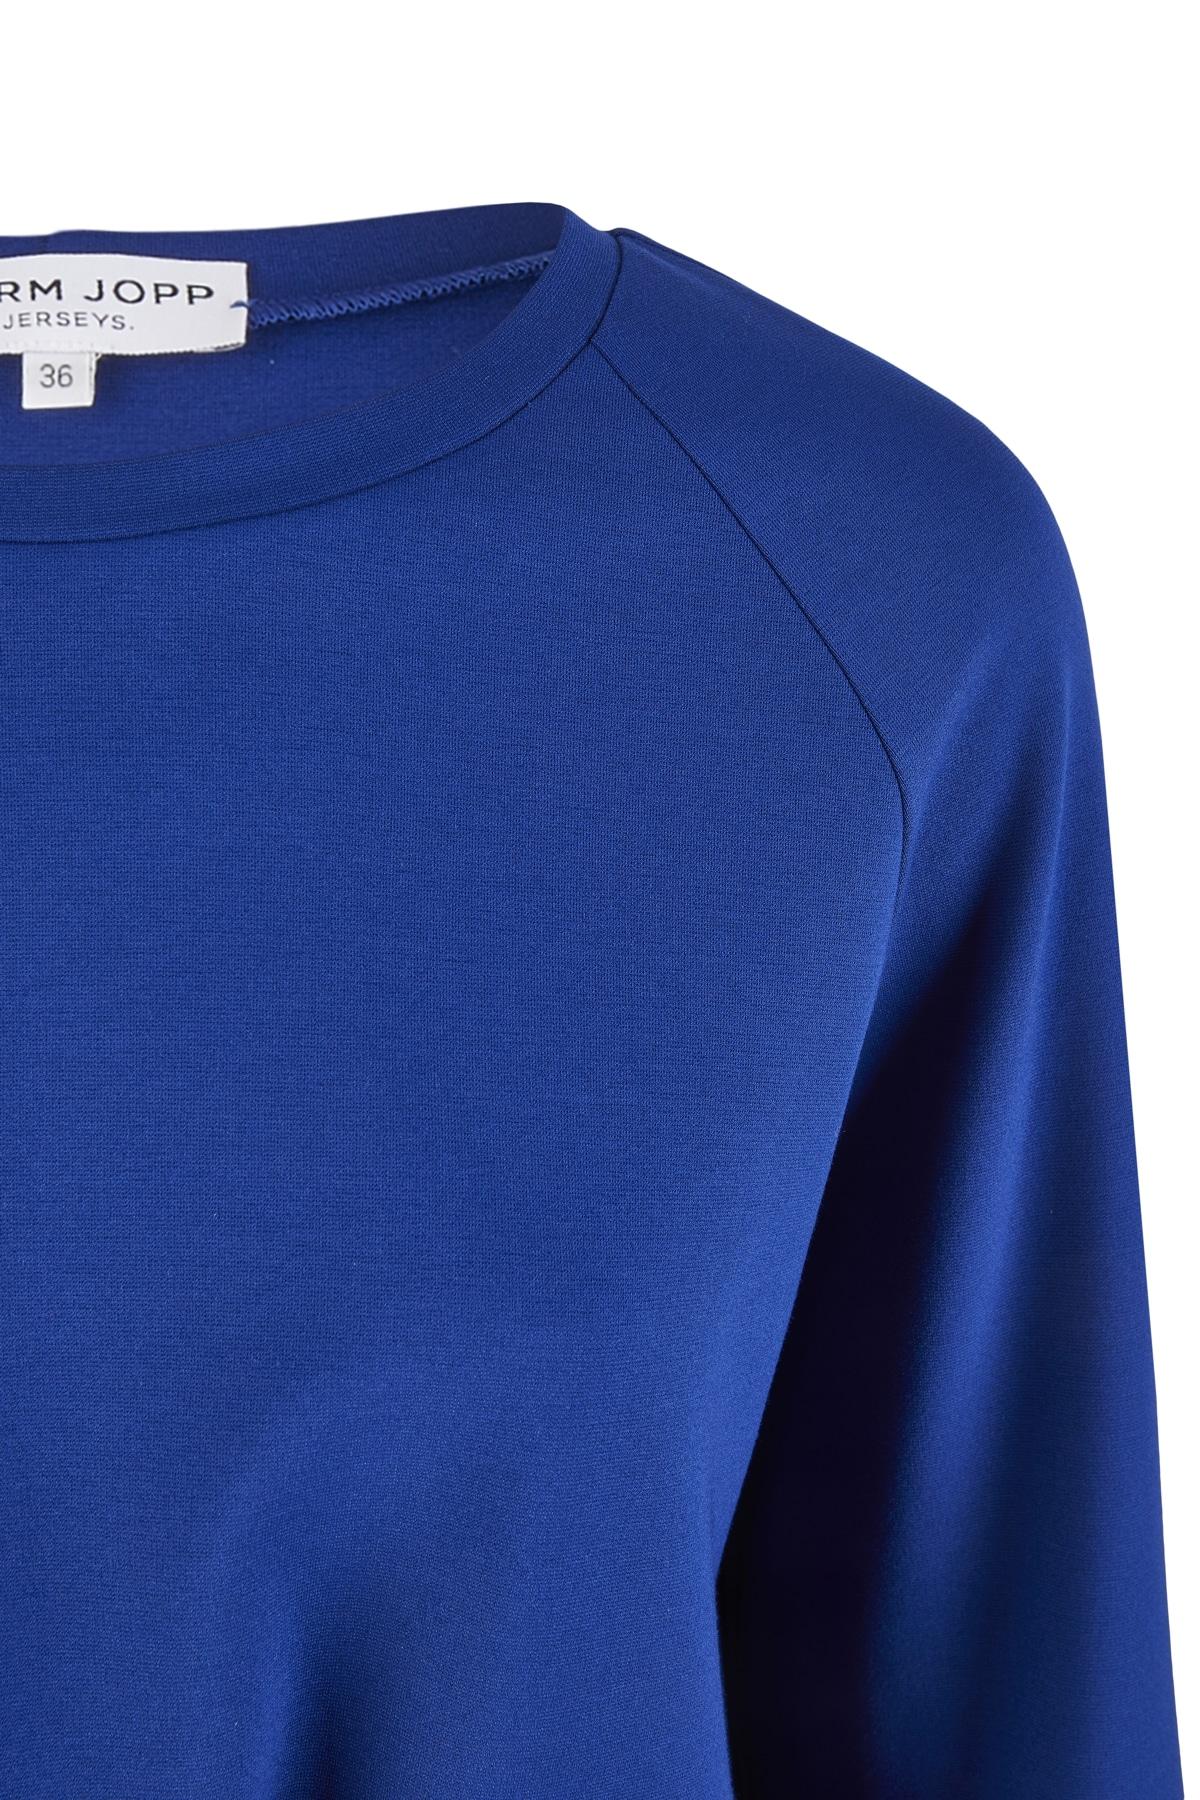 Sweater_Raglan_knallblau_3